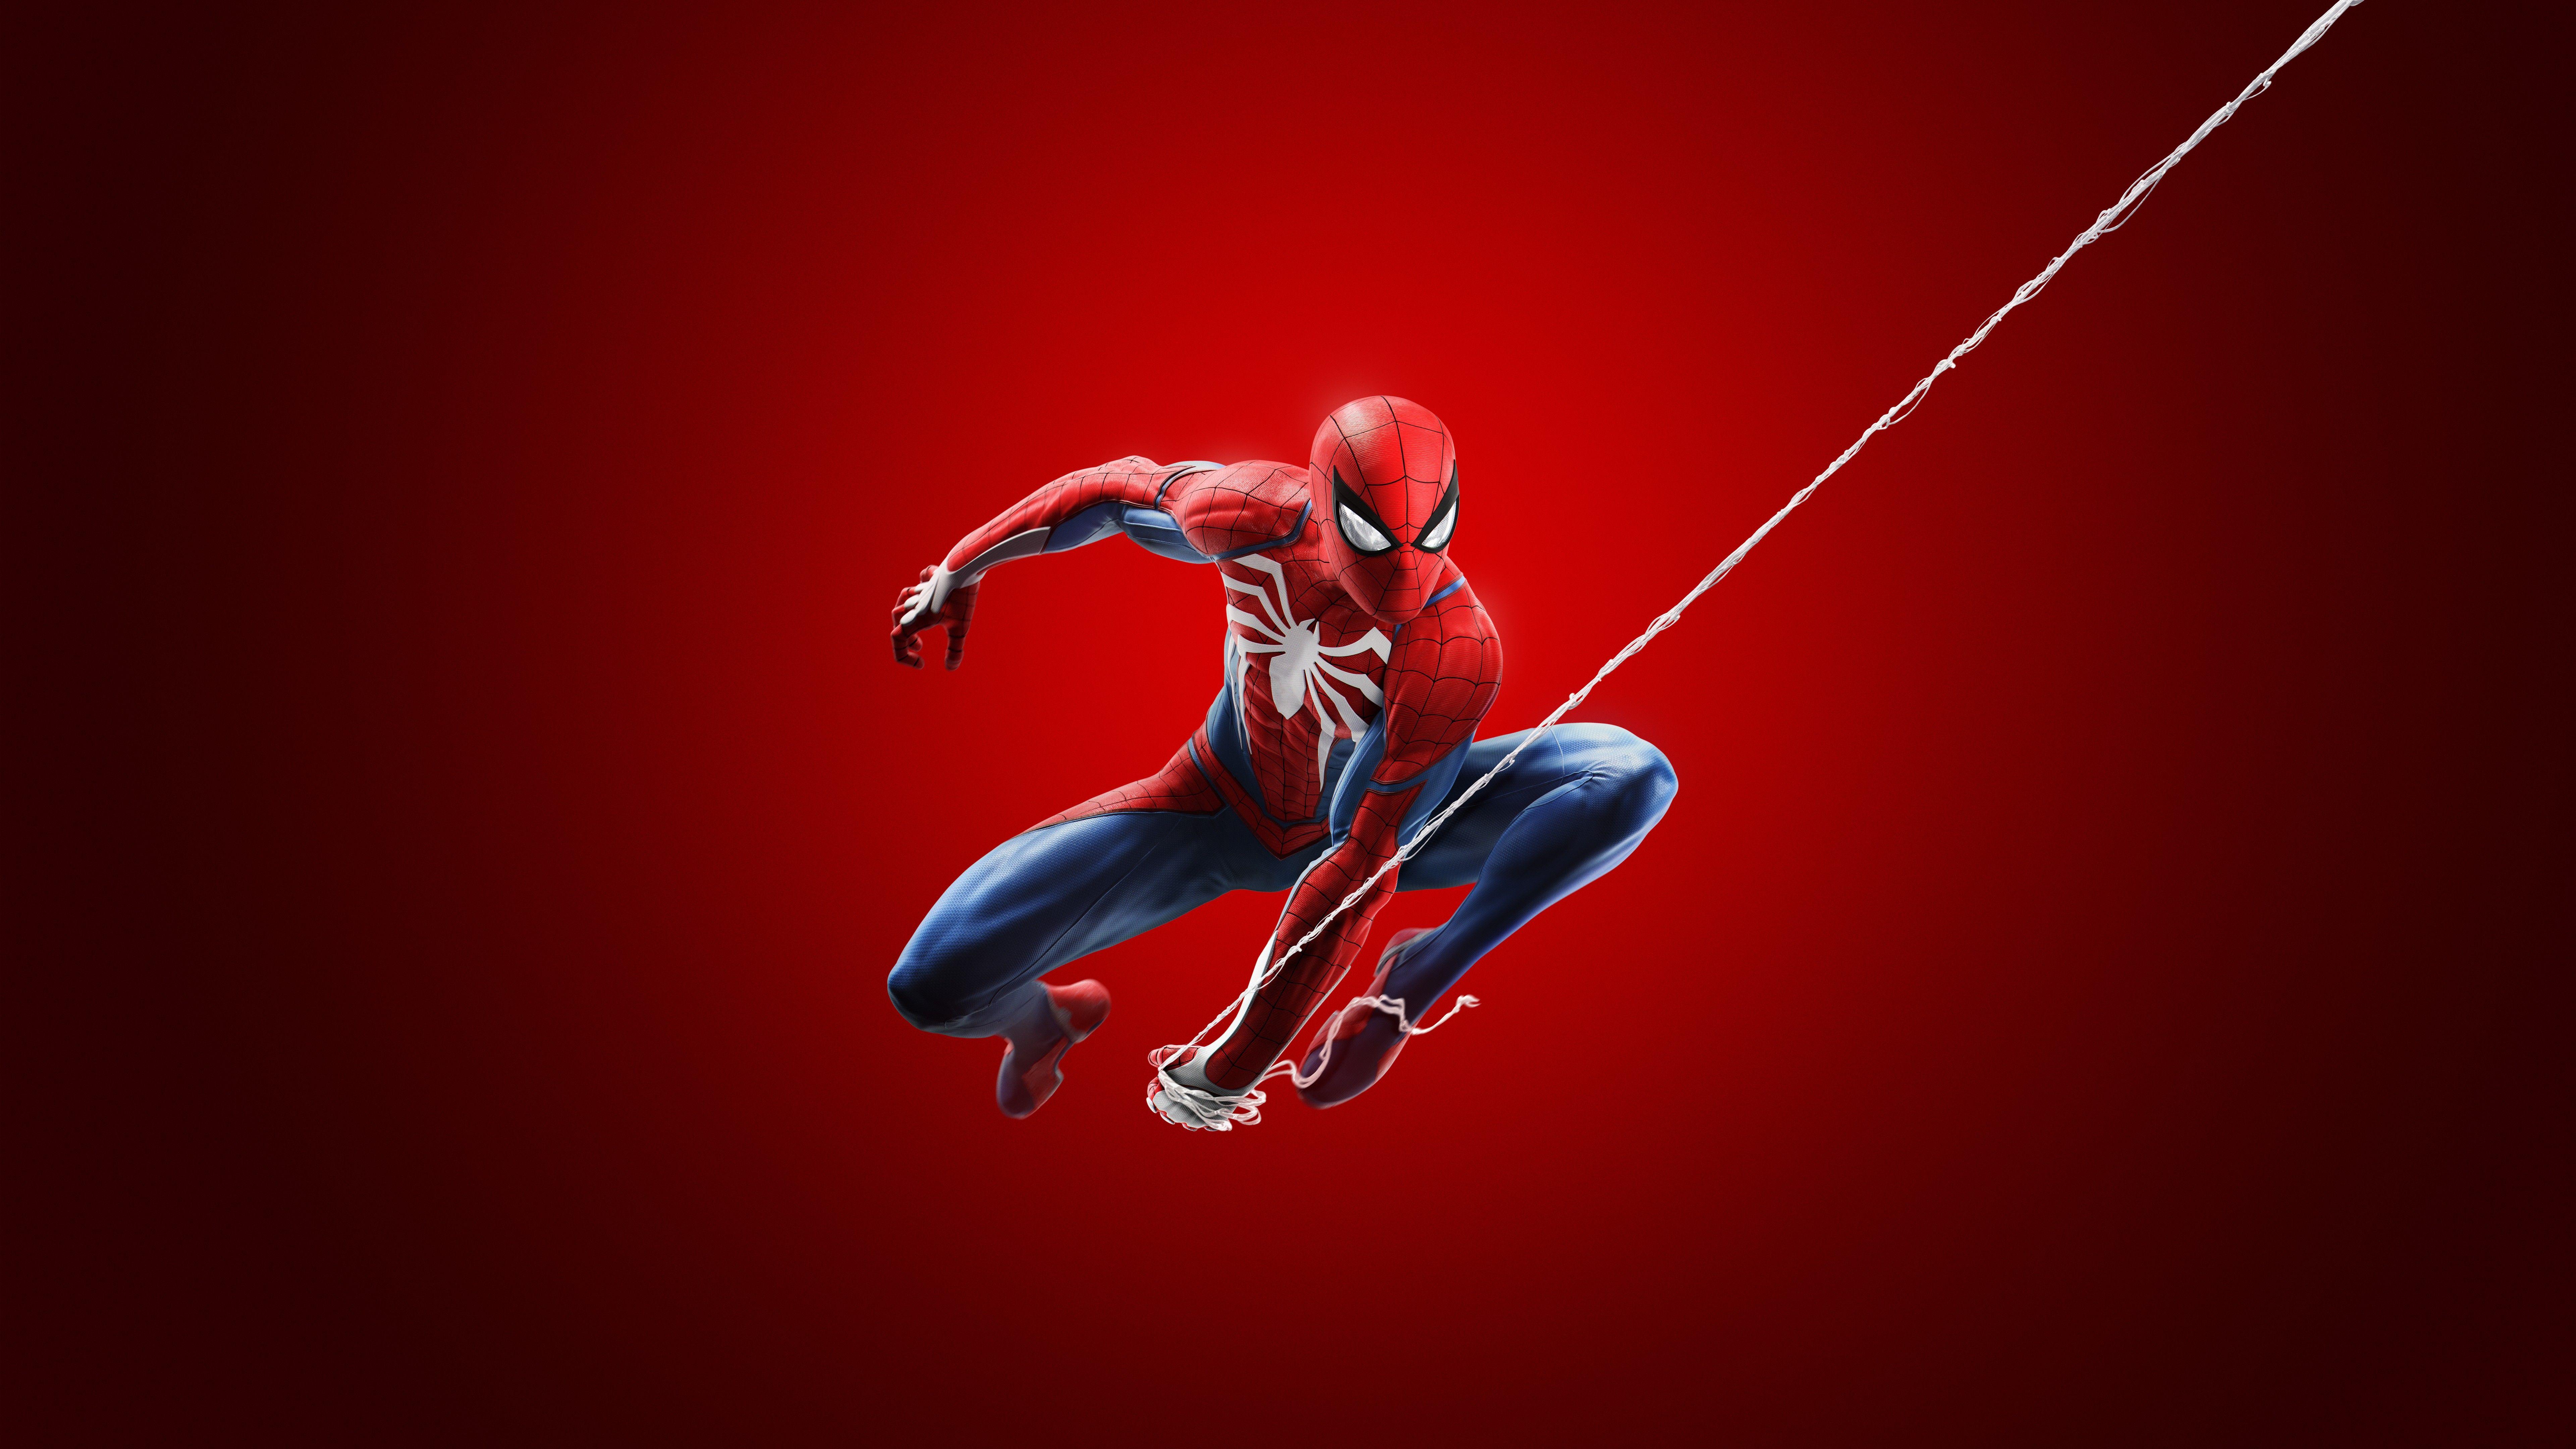 Marvel S Spider Man E3 2018 Artwork Poster 10k 27381 Spiderman Ps4 Wallpaper Spiderman Ps4 Marvel Spiderman